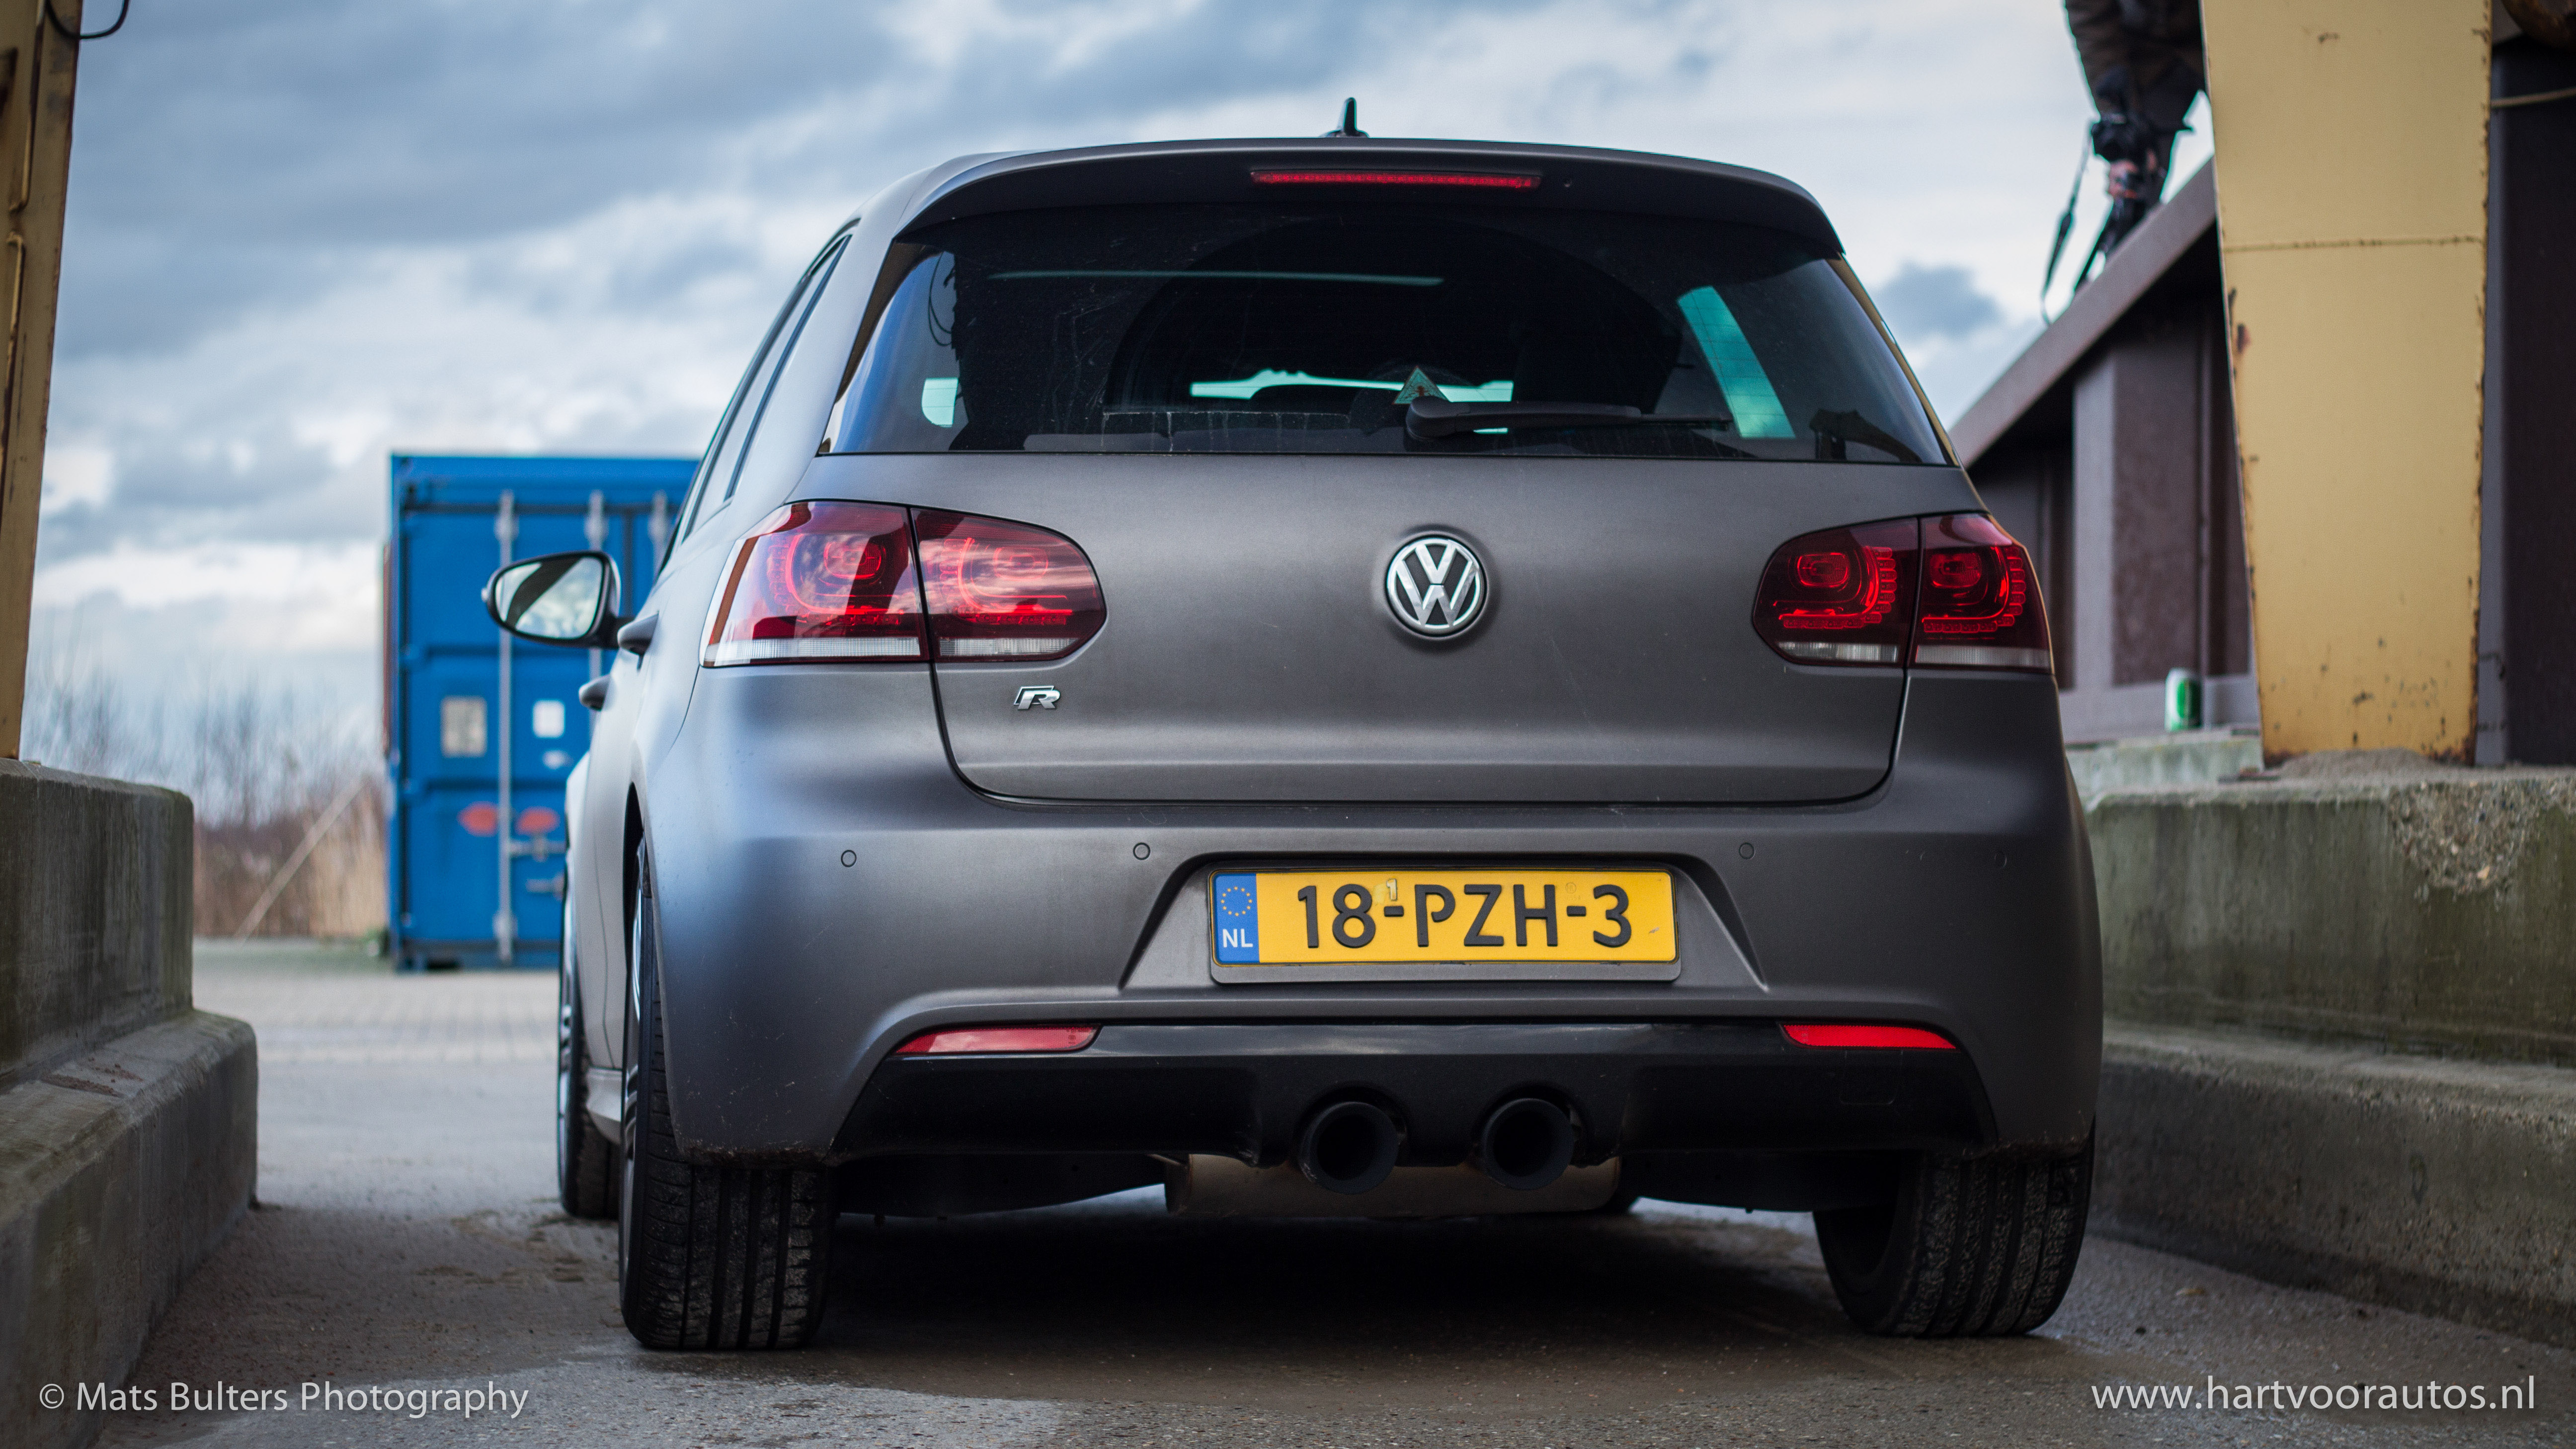 Volkswagen Golf R - www.hartvoorautos.nl